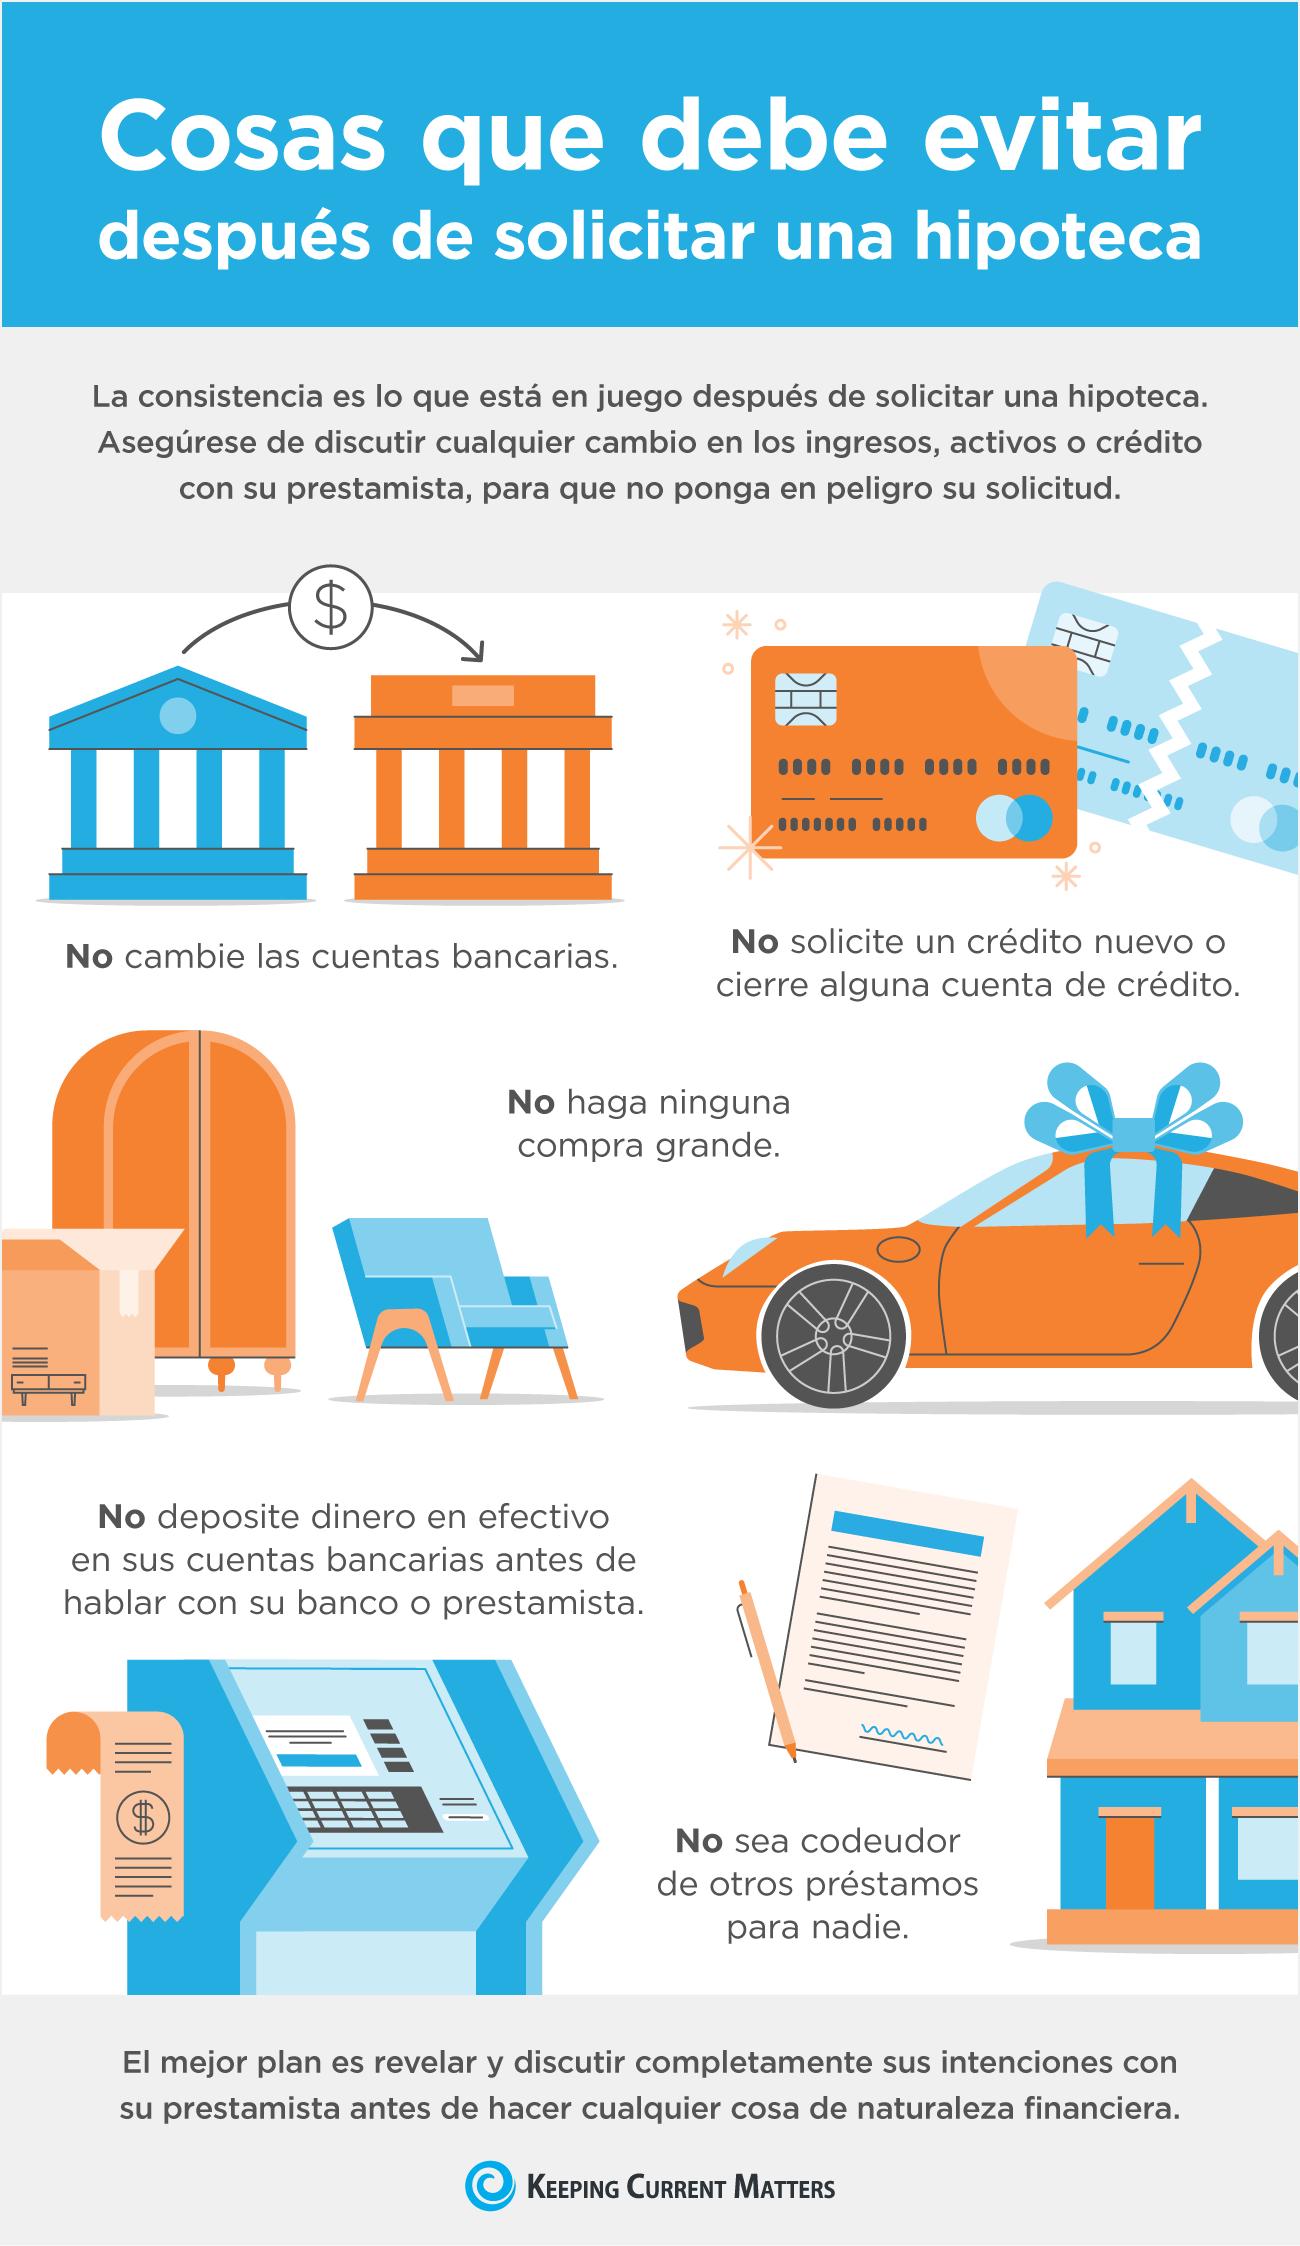 Cosas que debe evitar después de solicitar una hipoteca [infografía] | Keeping Current Matters